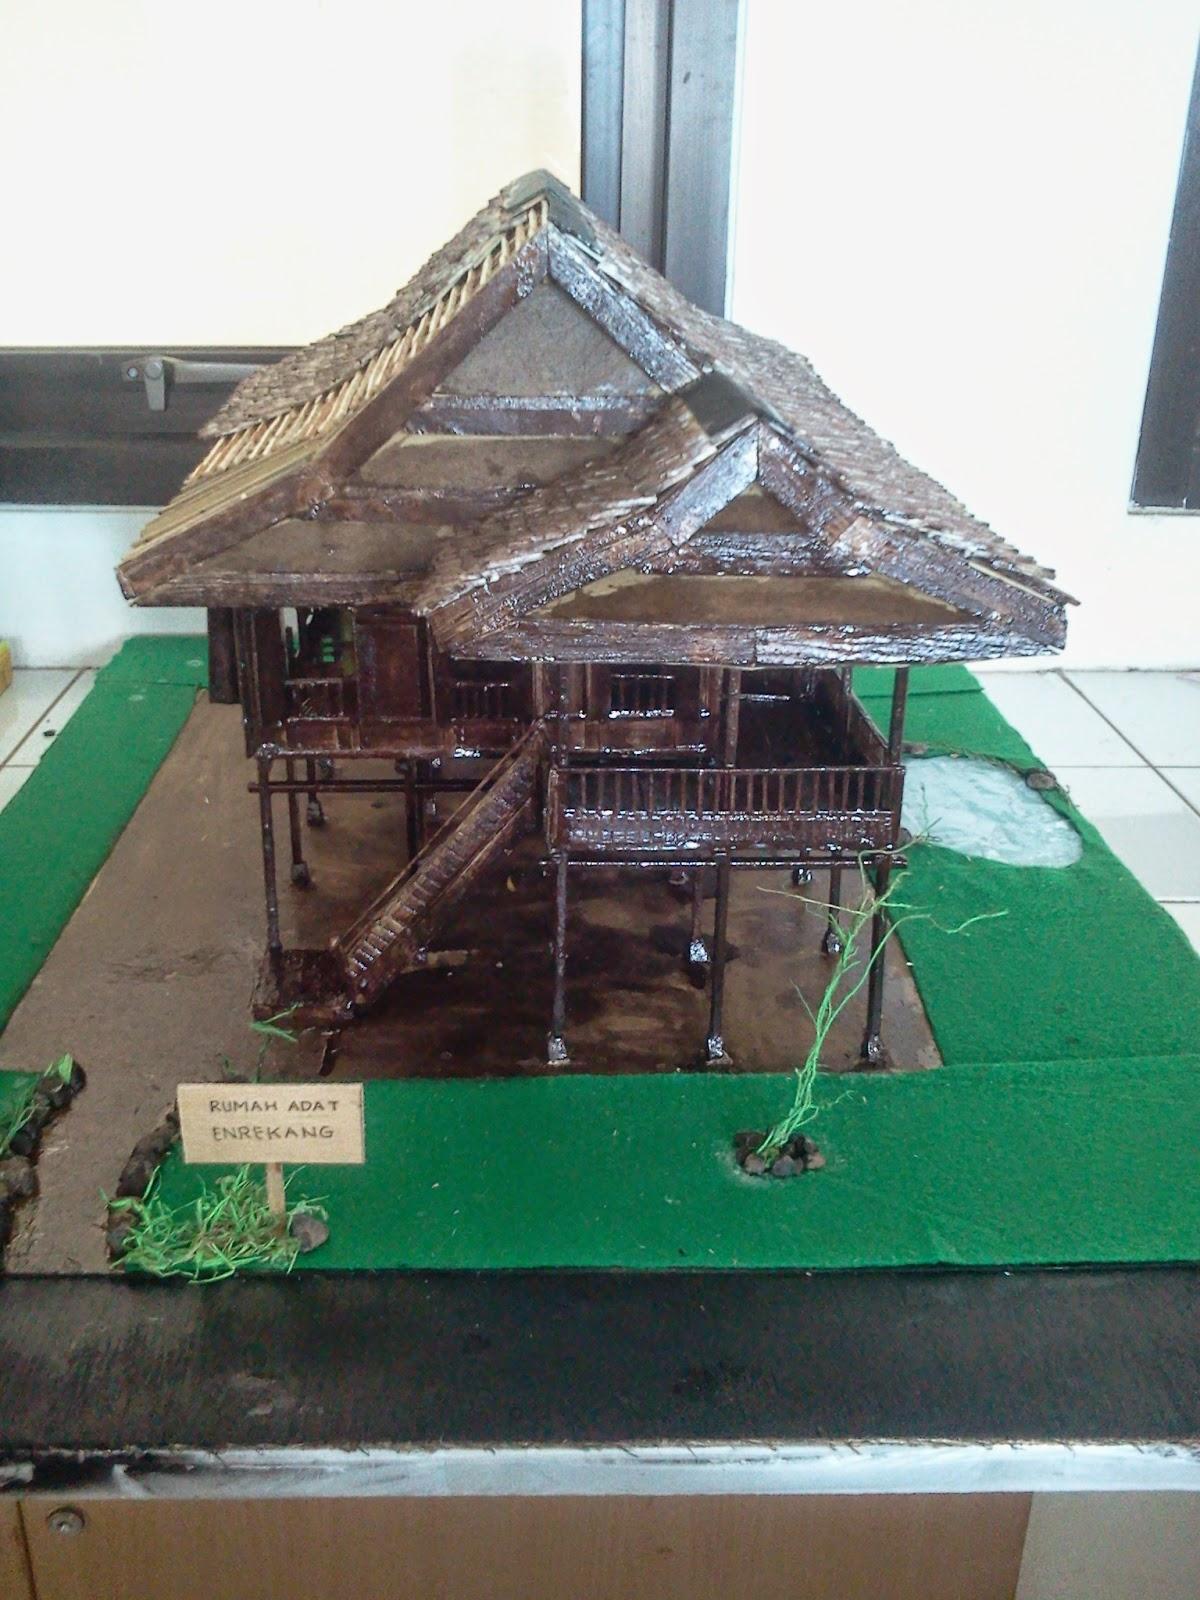 Mozaik Rumah Adat : mozaik, rumah, Koleksi, Gambar, Rumah, Mozaik, Terbaru